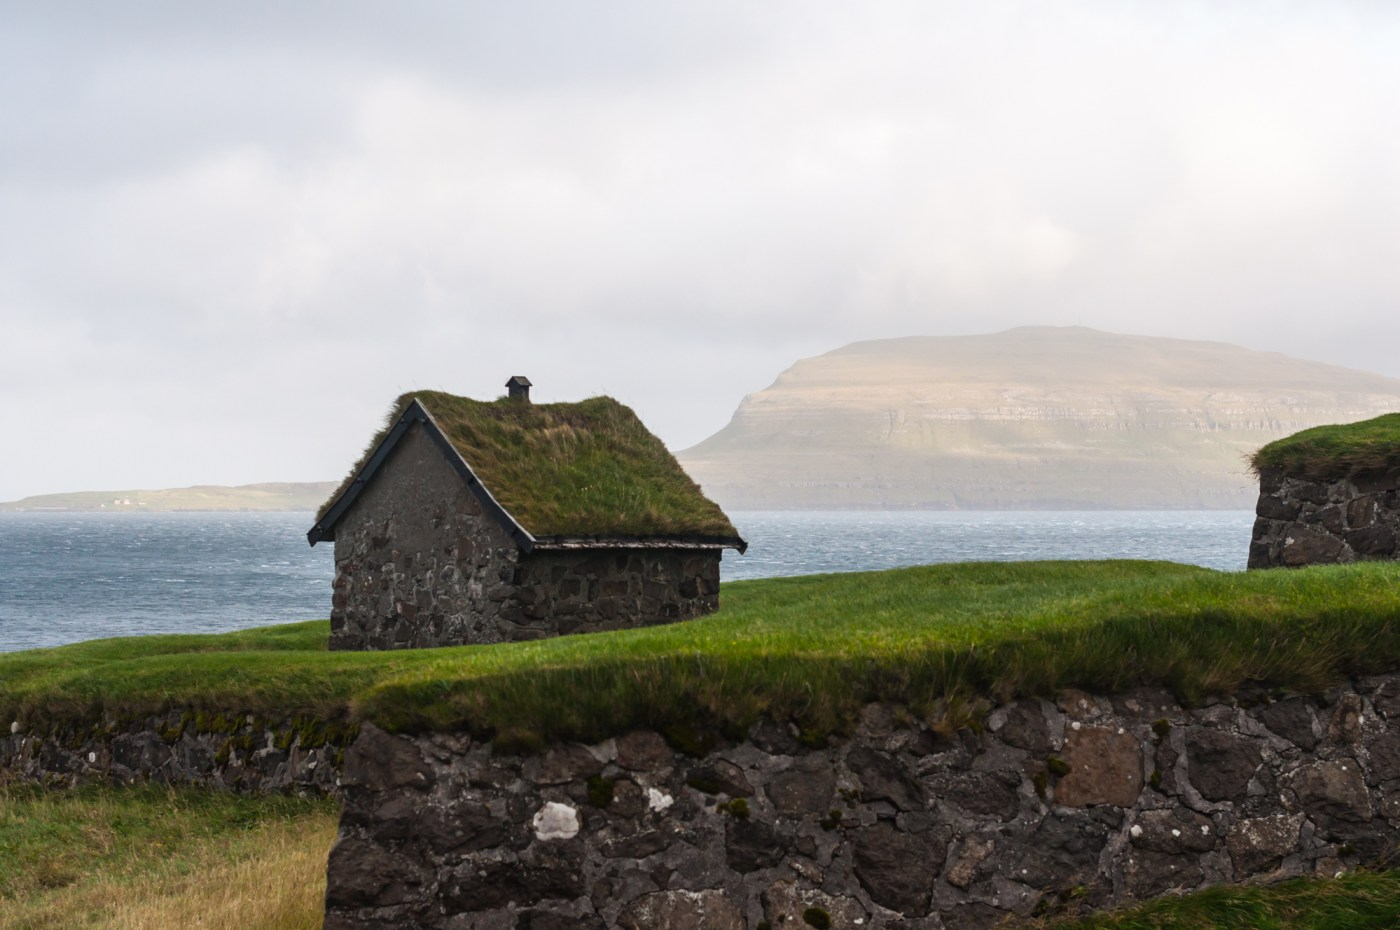 Ferry To Faroe Islands From Germany